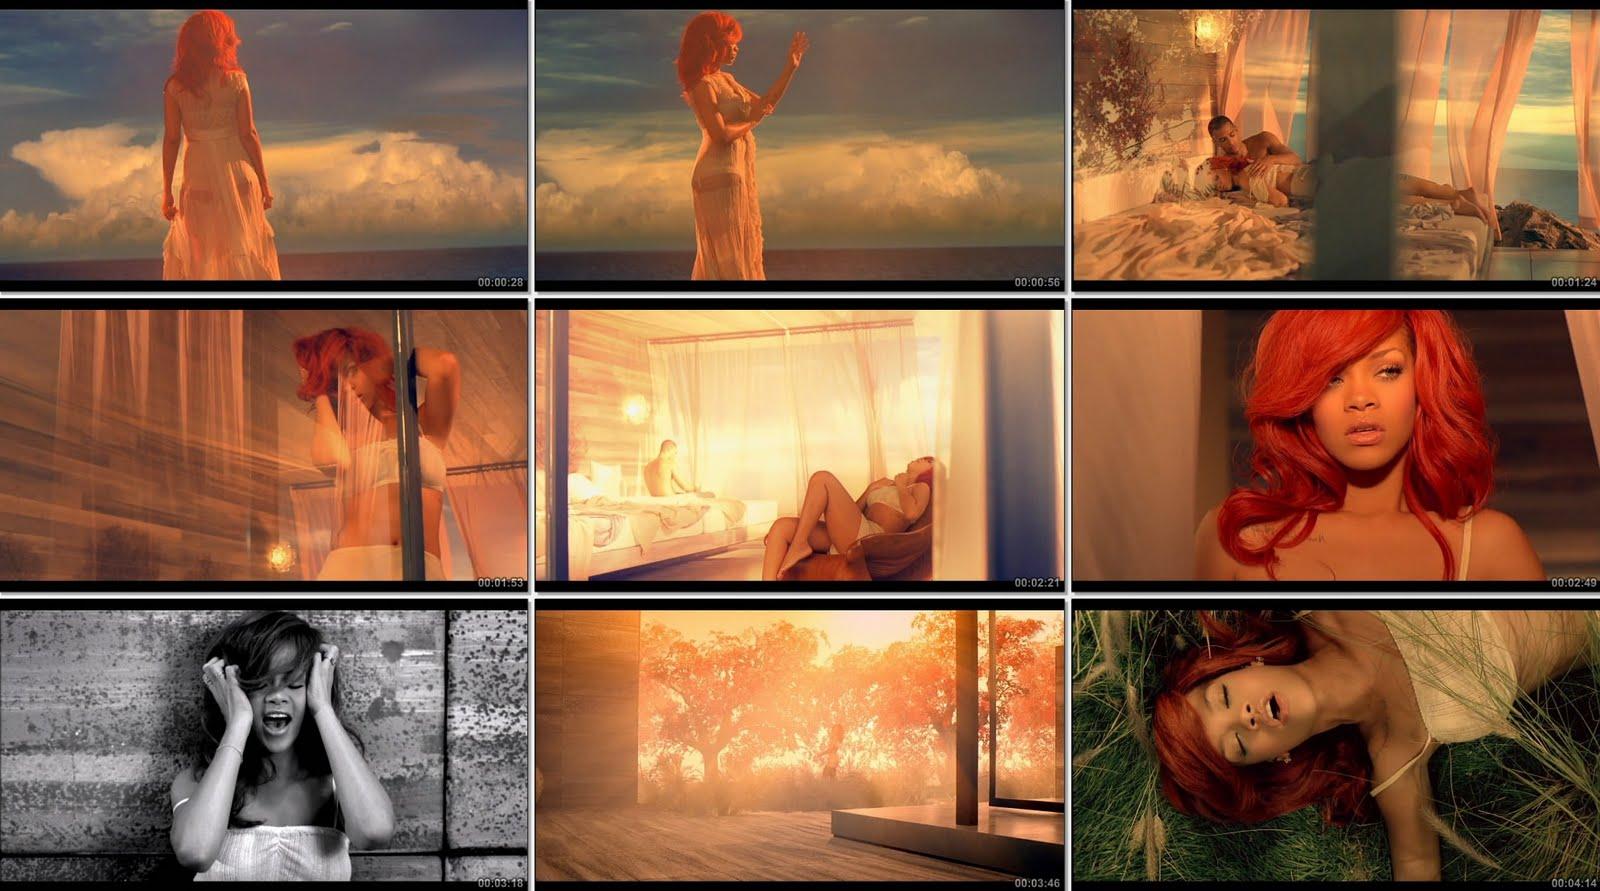 http://2.bp.blogspot.com/-1nf1IPyaUmg/TdLKMQeXMwI/AAAAAAAAAGc/wqeGyshbvtg/s1600/Rihanna+-+California+King+Bed+%2528HD%2529.mp4_thumbs_%255B2011.05.16_00.02.34%255D.jpg